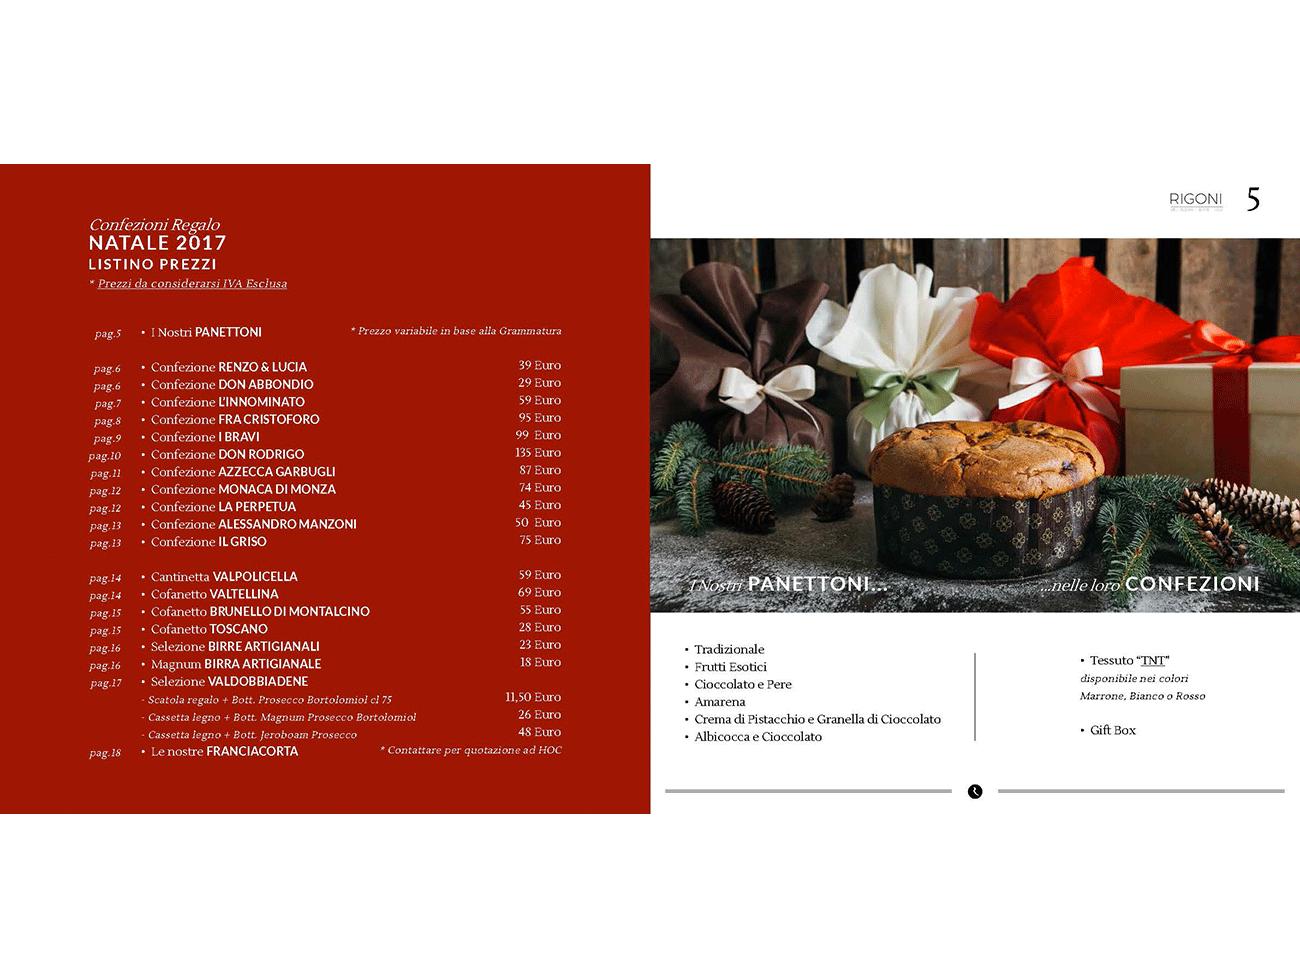 Rigoni, Natale, Regalo, Confezioni, Vendita